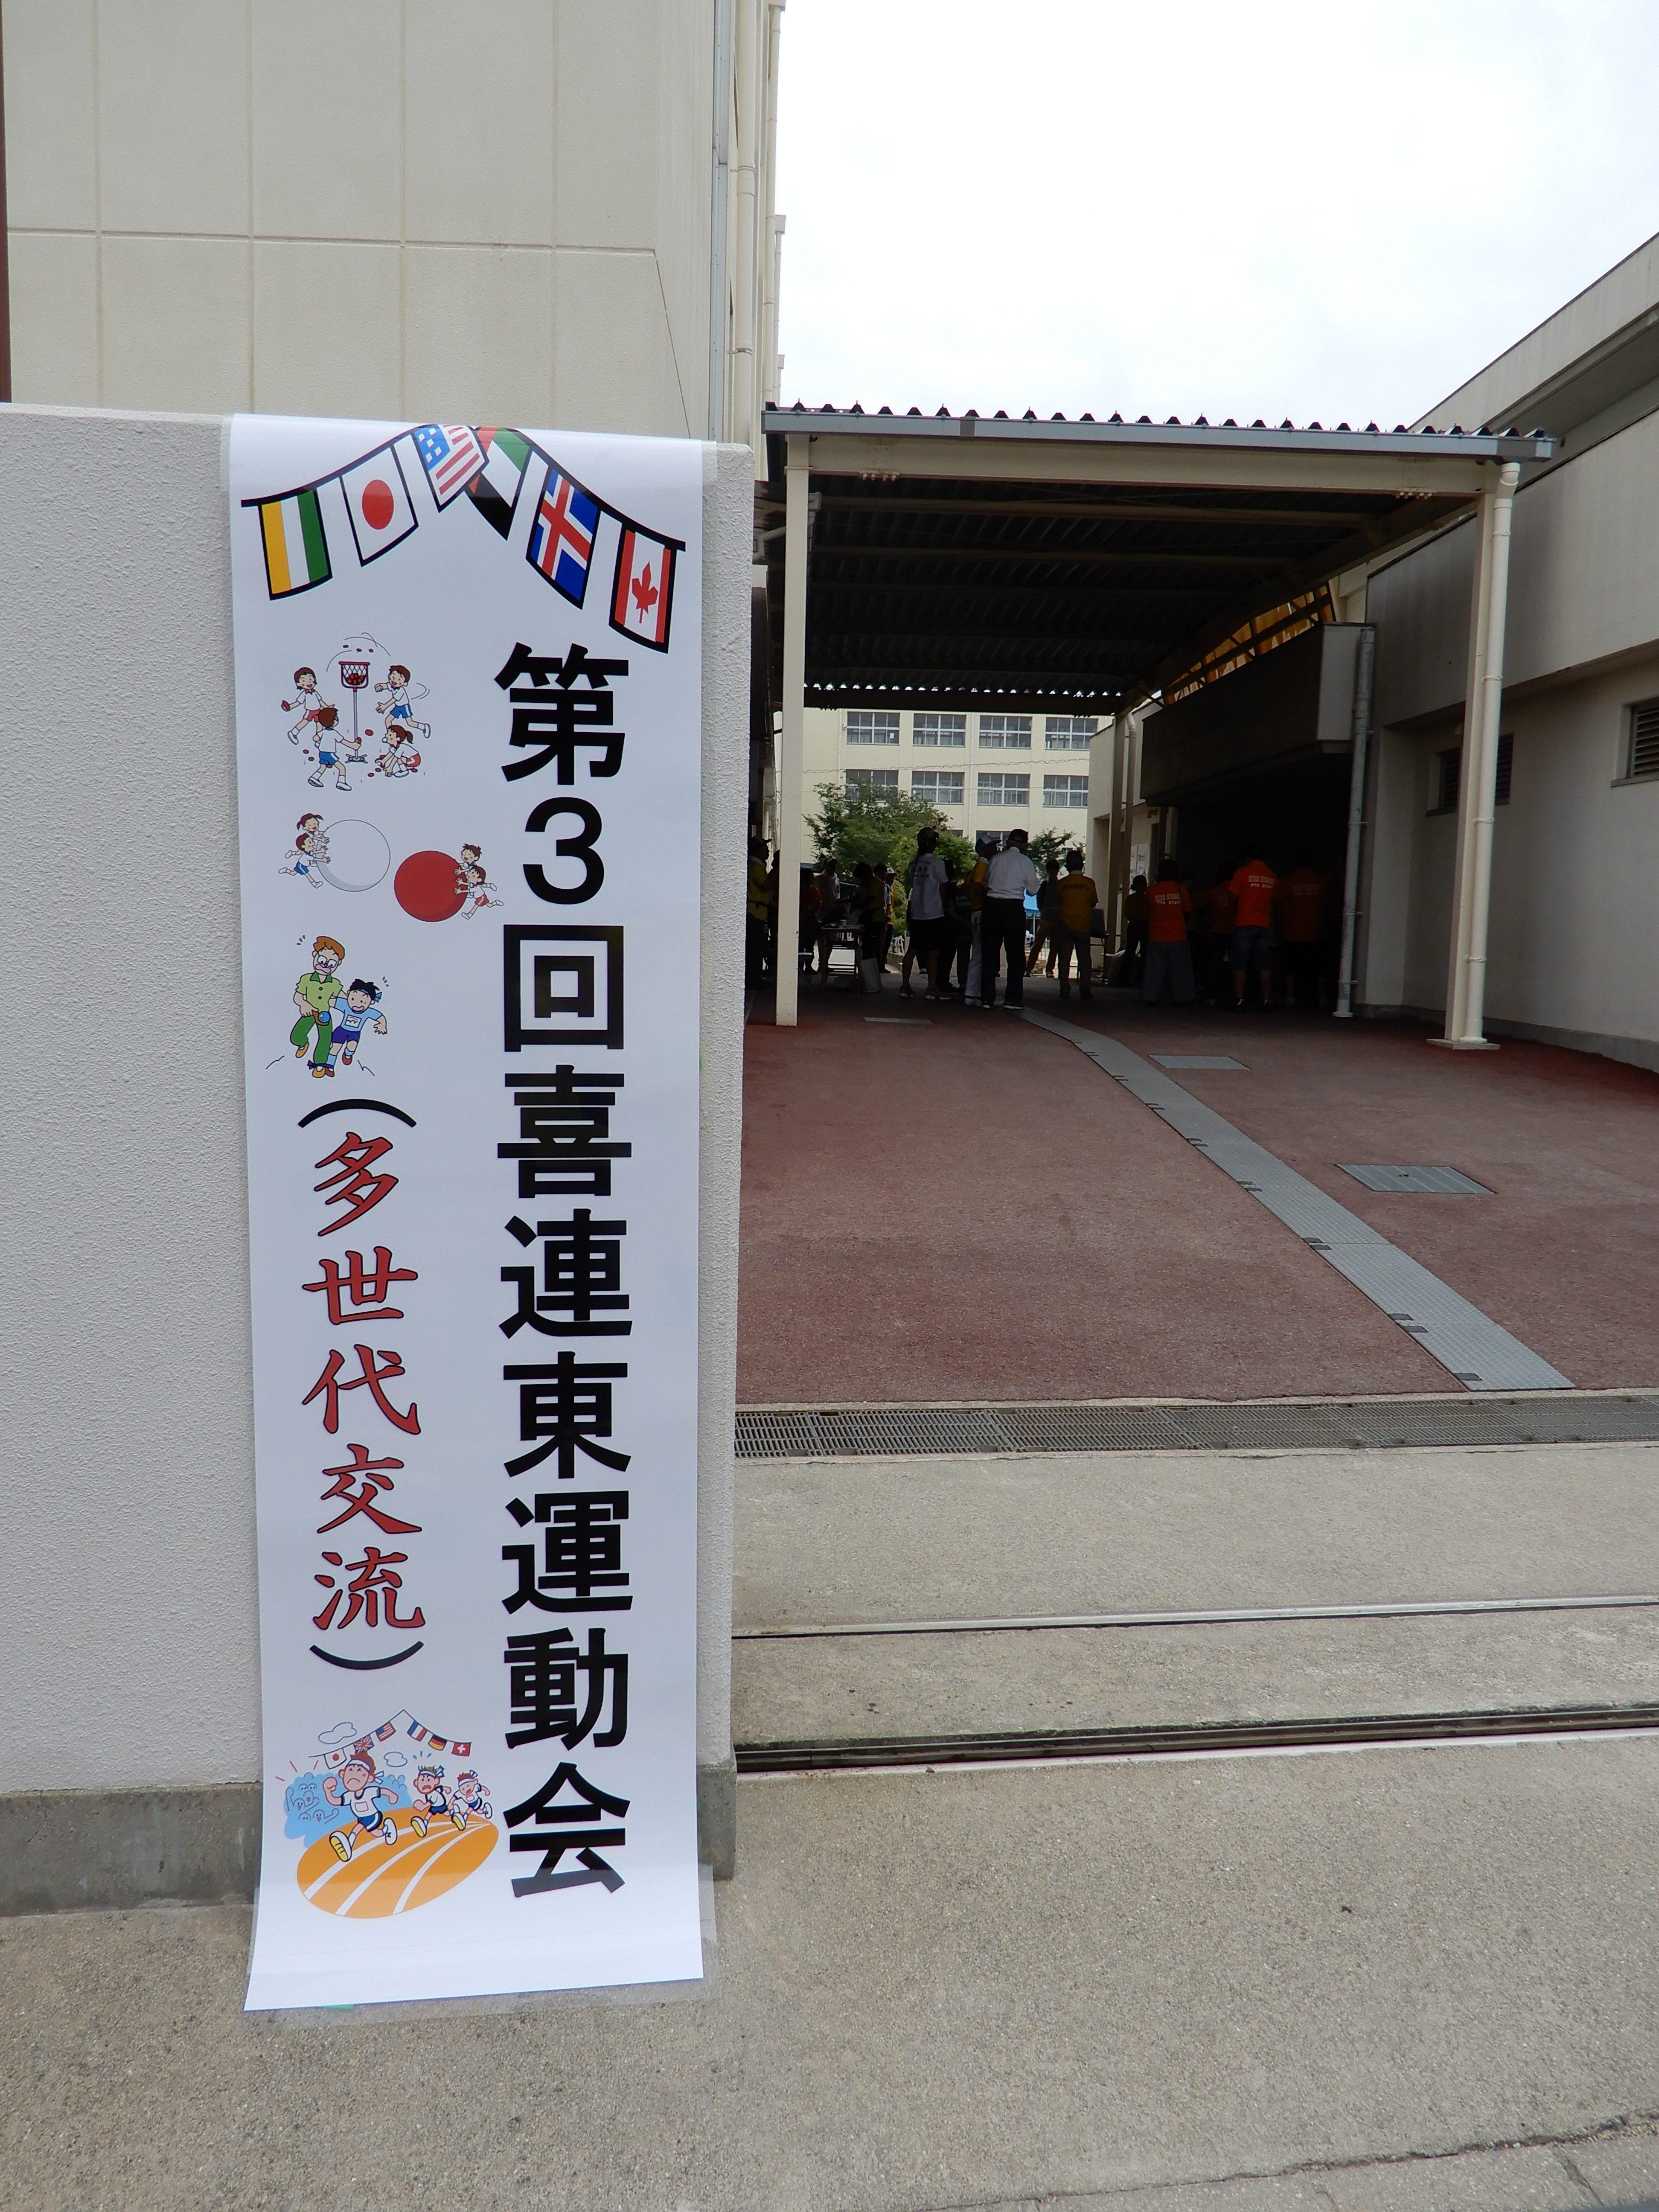 第3回喜連東フェスタ(喜連地域包括支援センター)